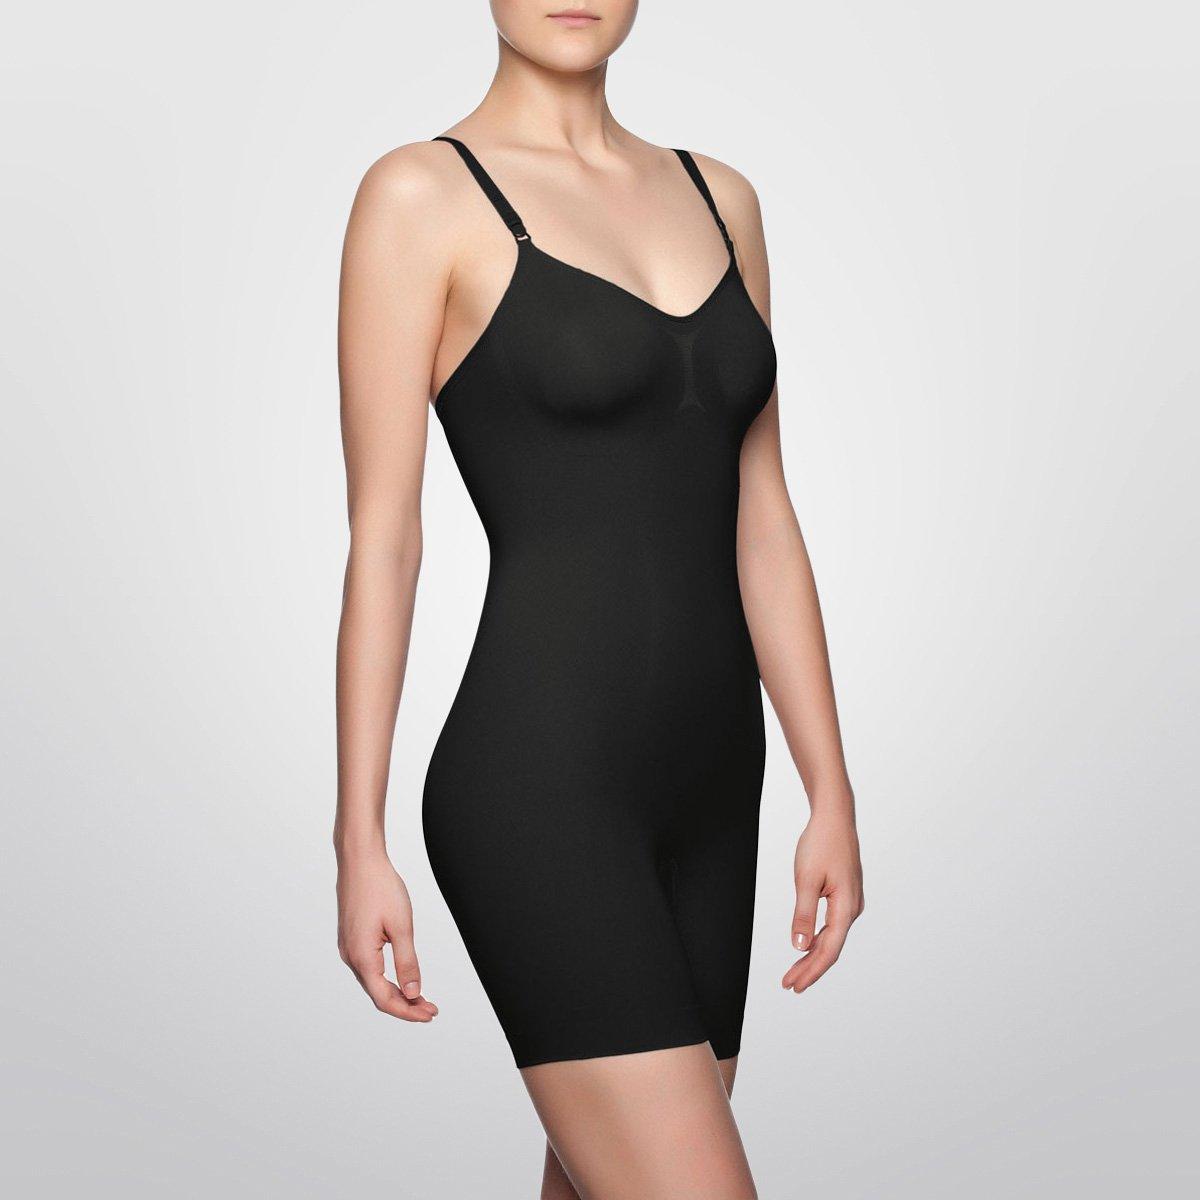 Body Liz Modelador-73396